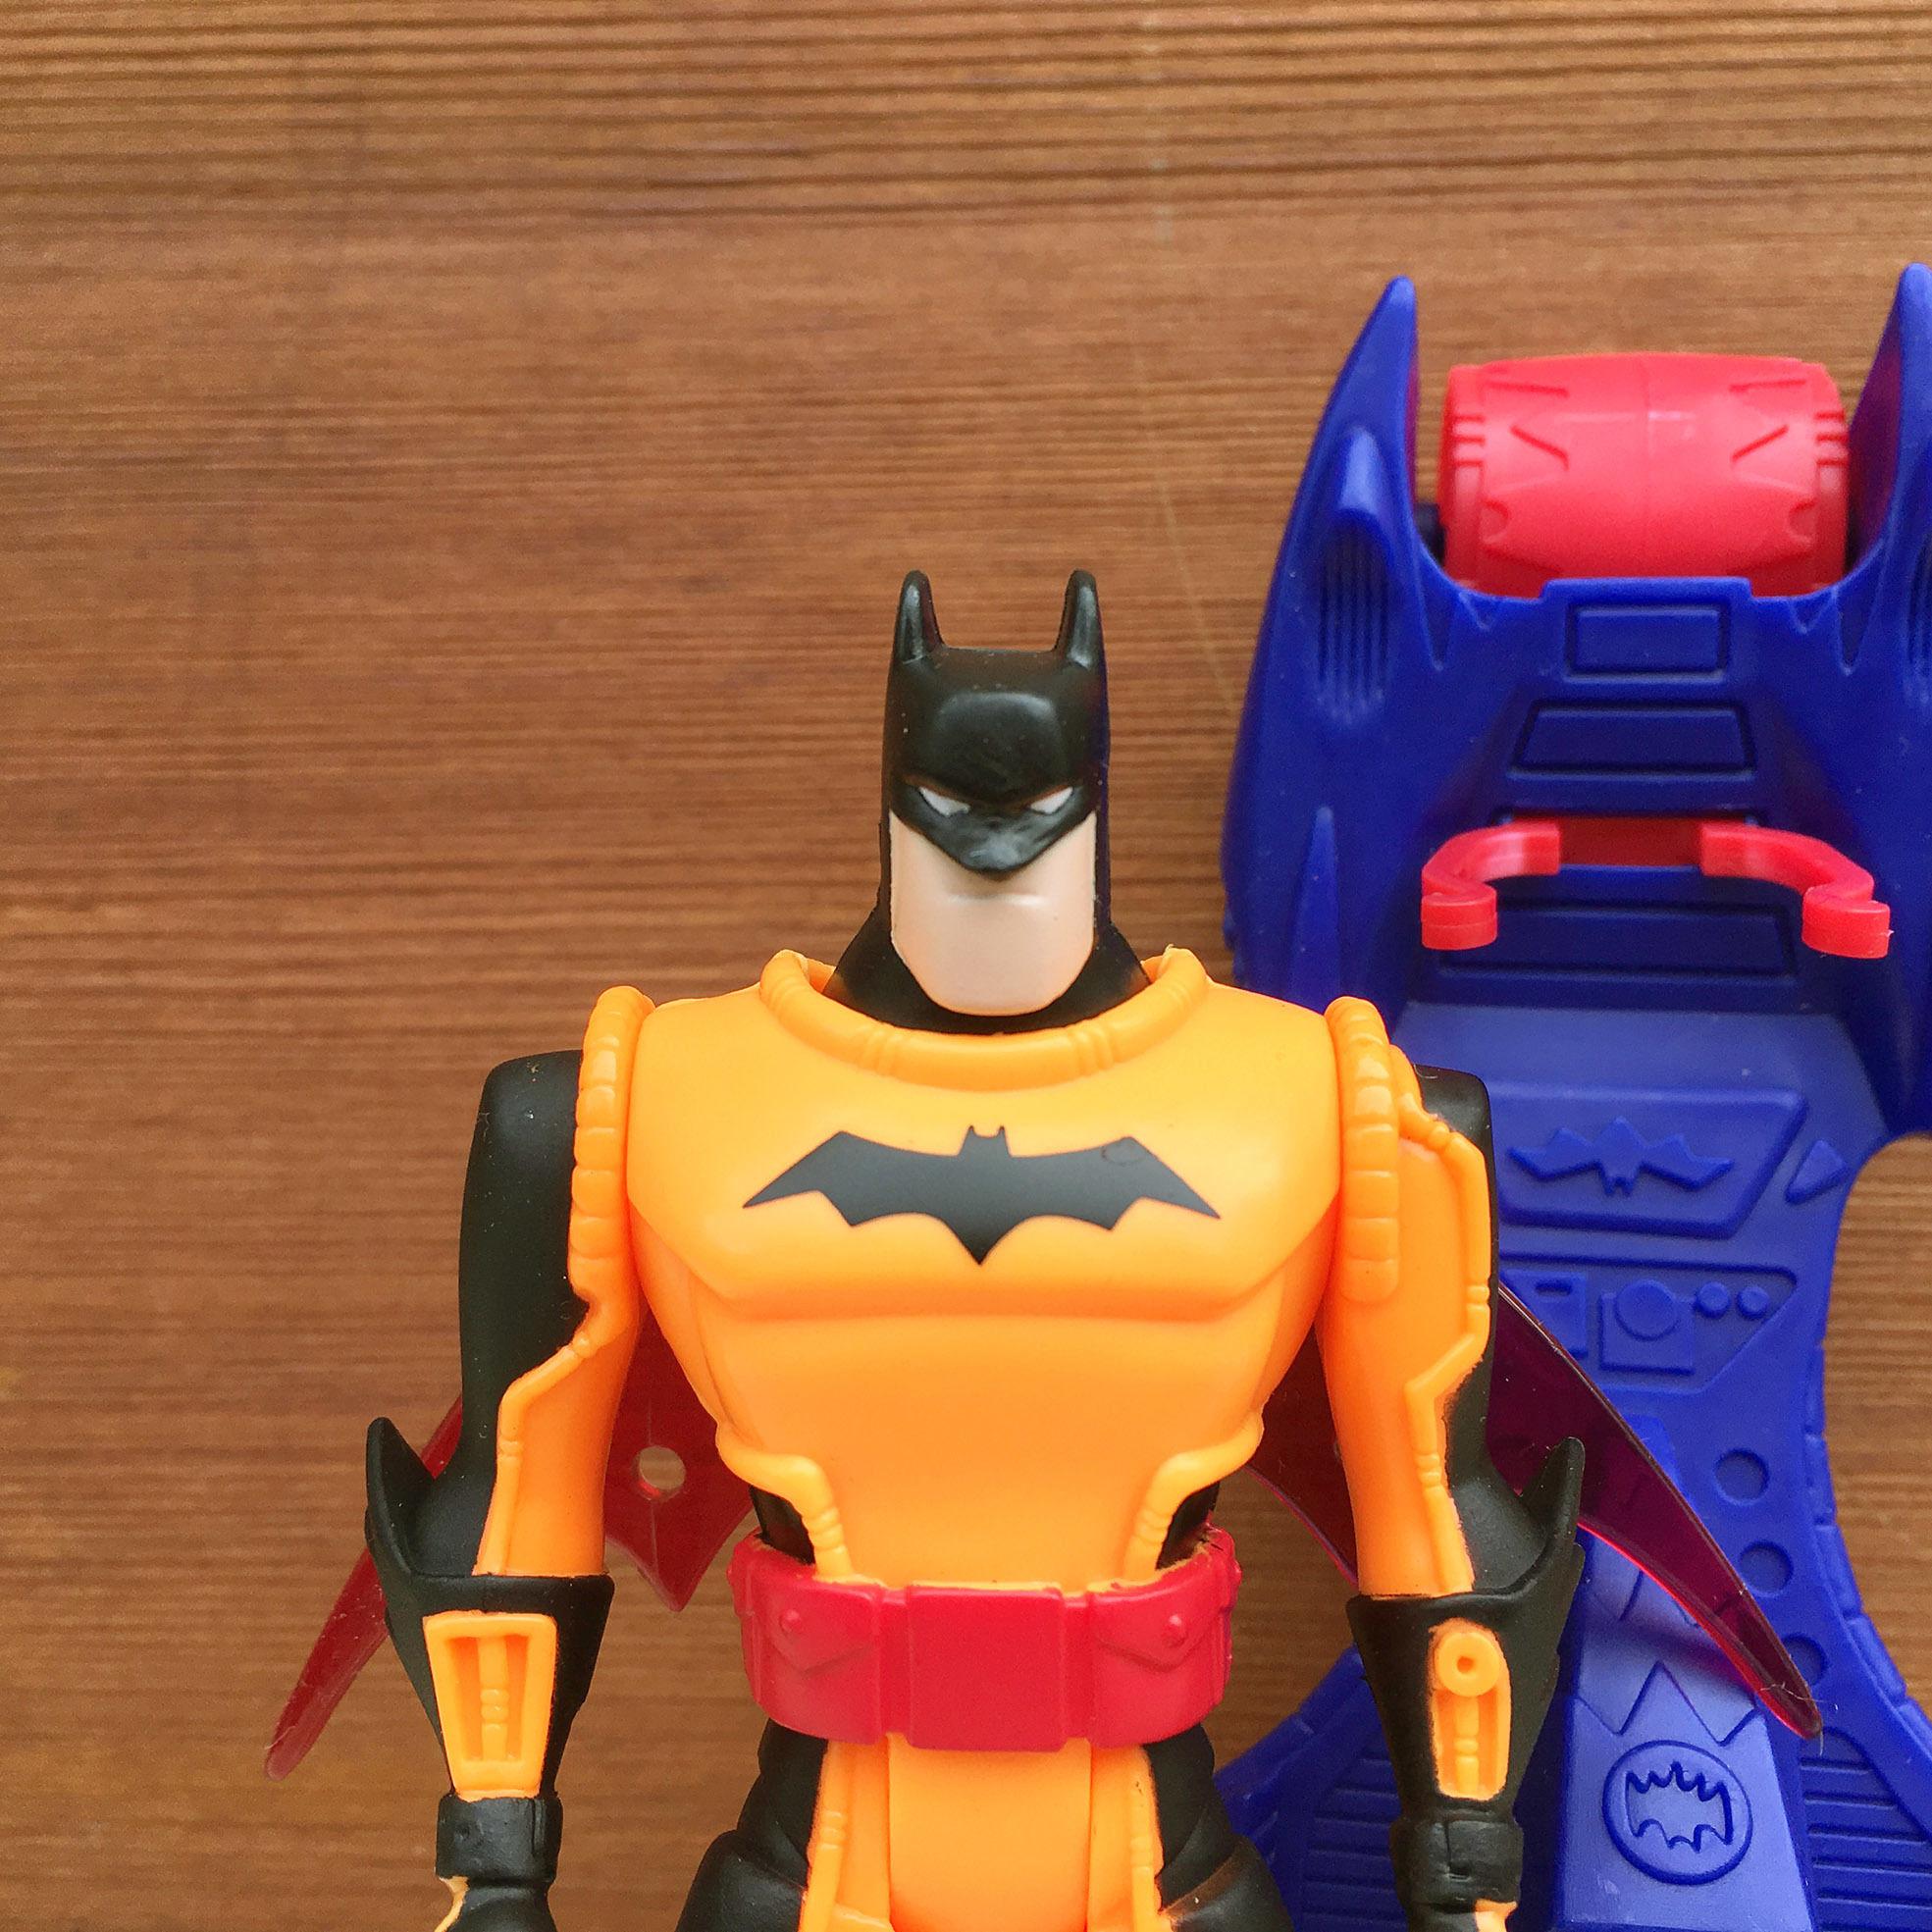 BATMAN Street Strike Batman Figure/バットマン ストリートストライク・バットマン フィギュア/180216-6